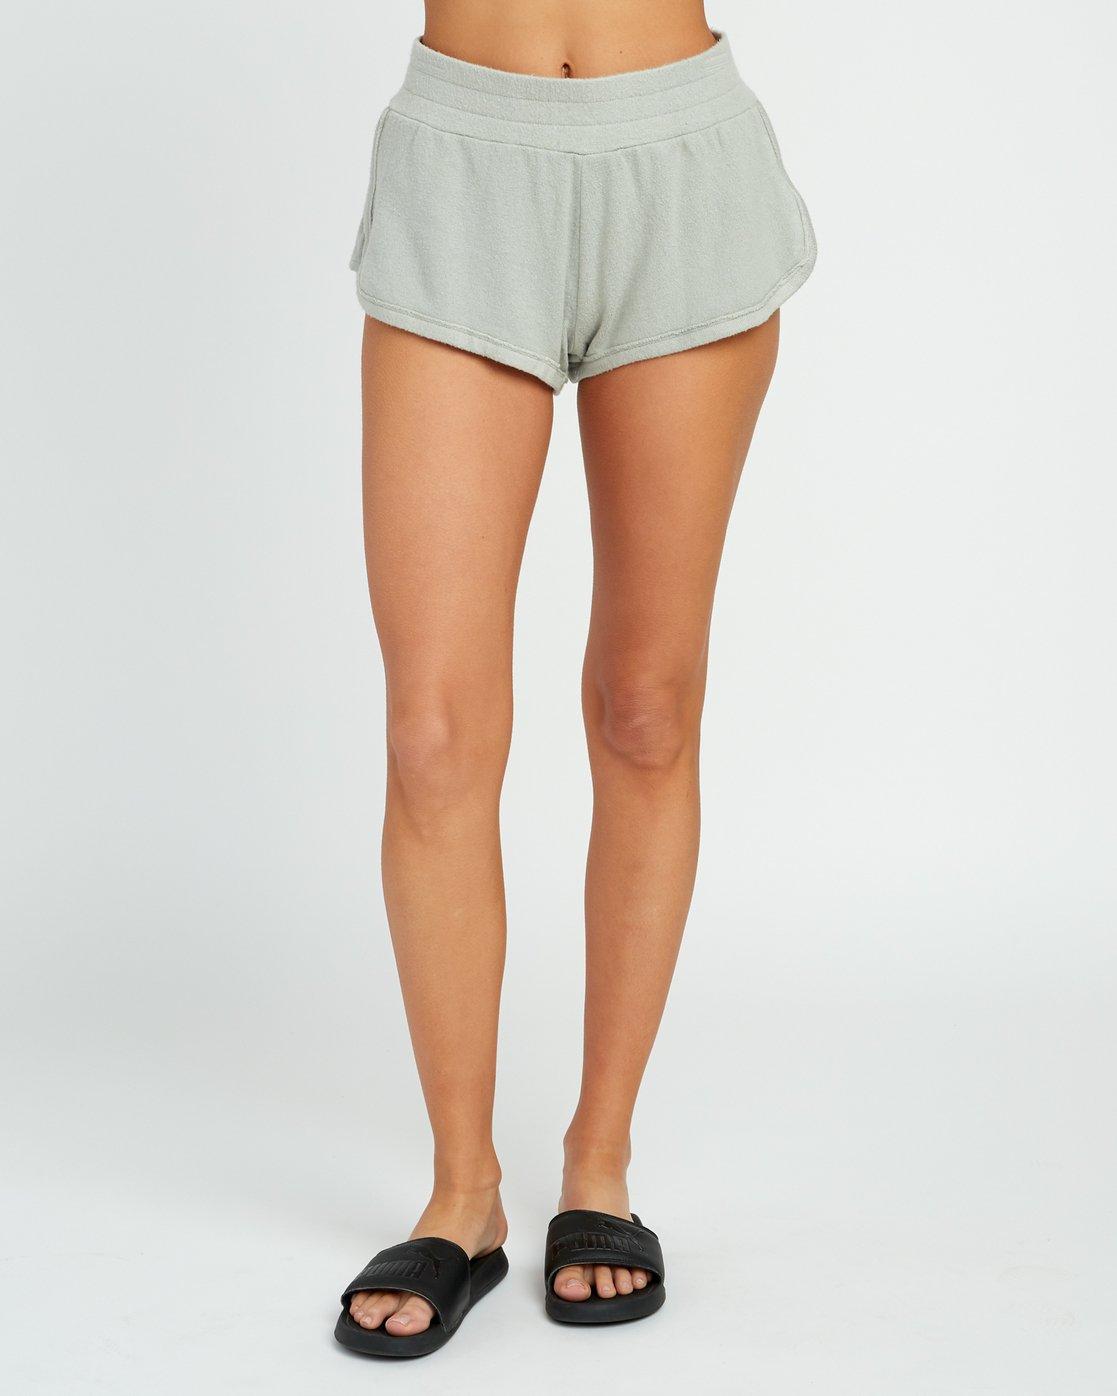 1 Daydream Knit Elastic Short Green WL07URDS RVCA